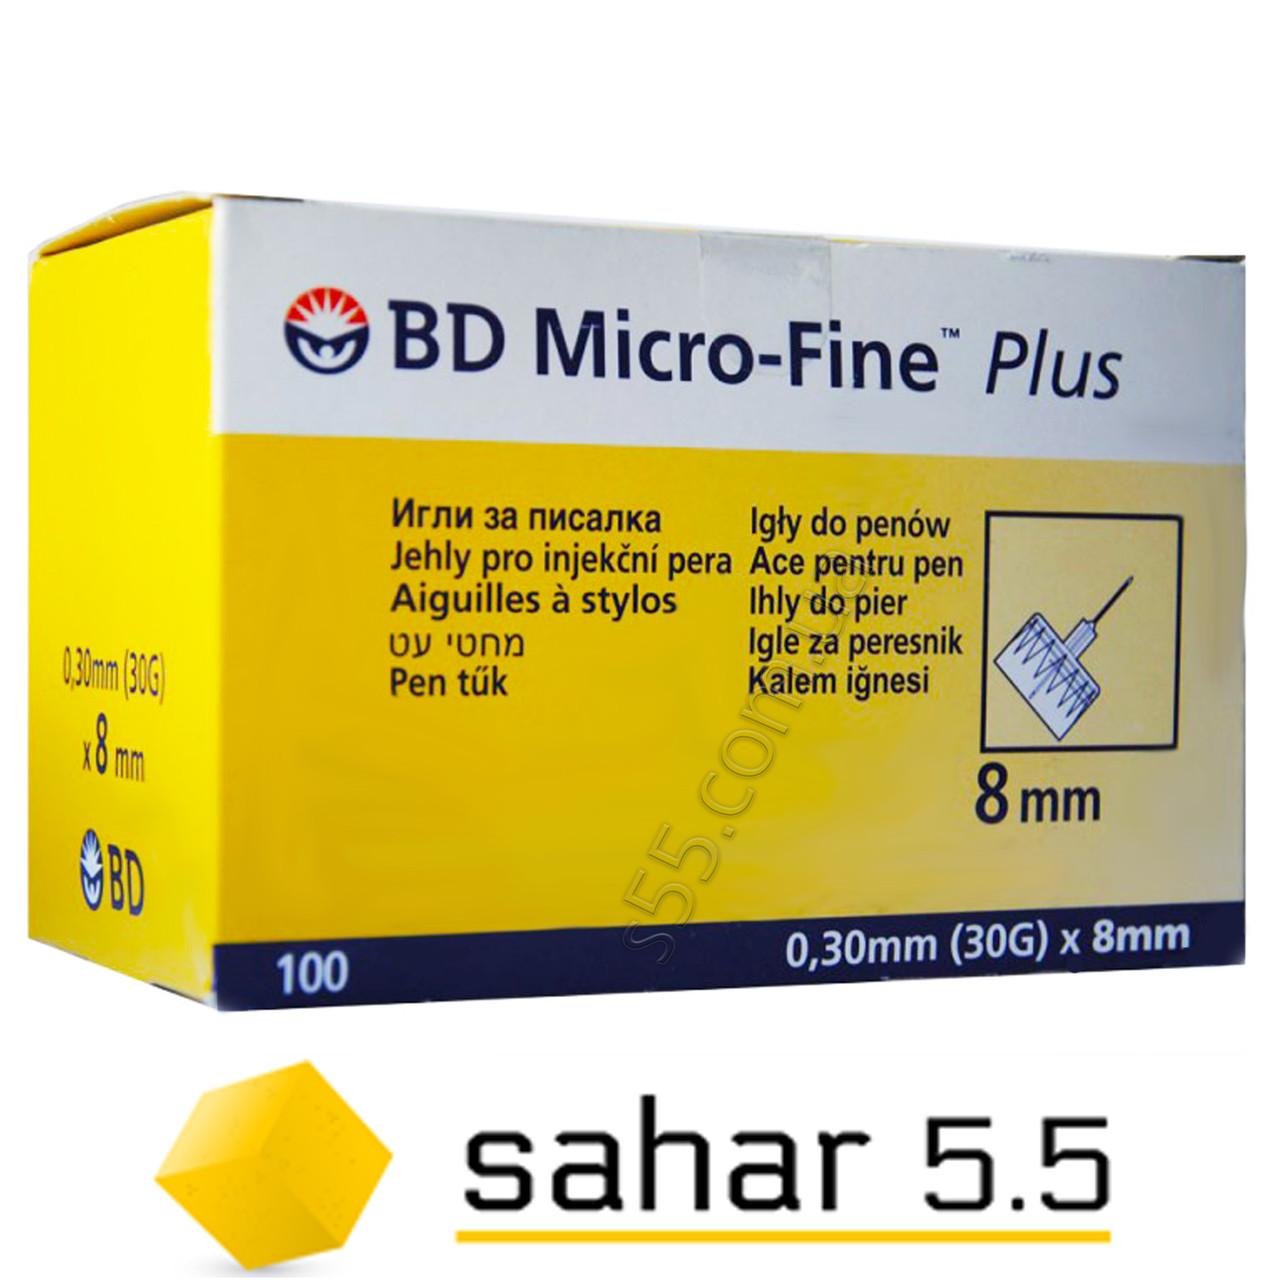 Иглы инсулиновые БД Микрофайн Плюс 8мм -BD Micro-fine Plus 30G, 100шт.